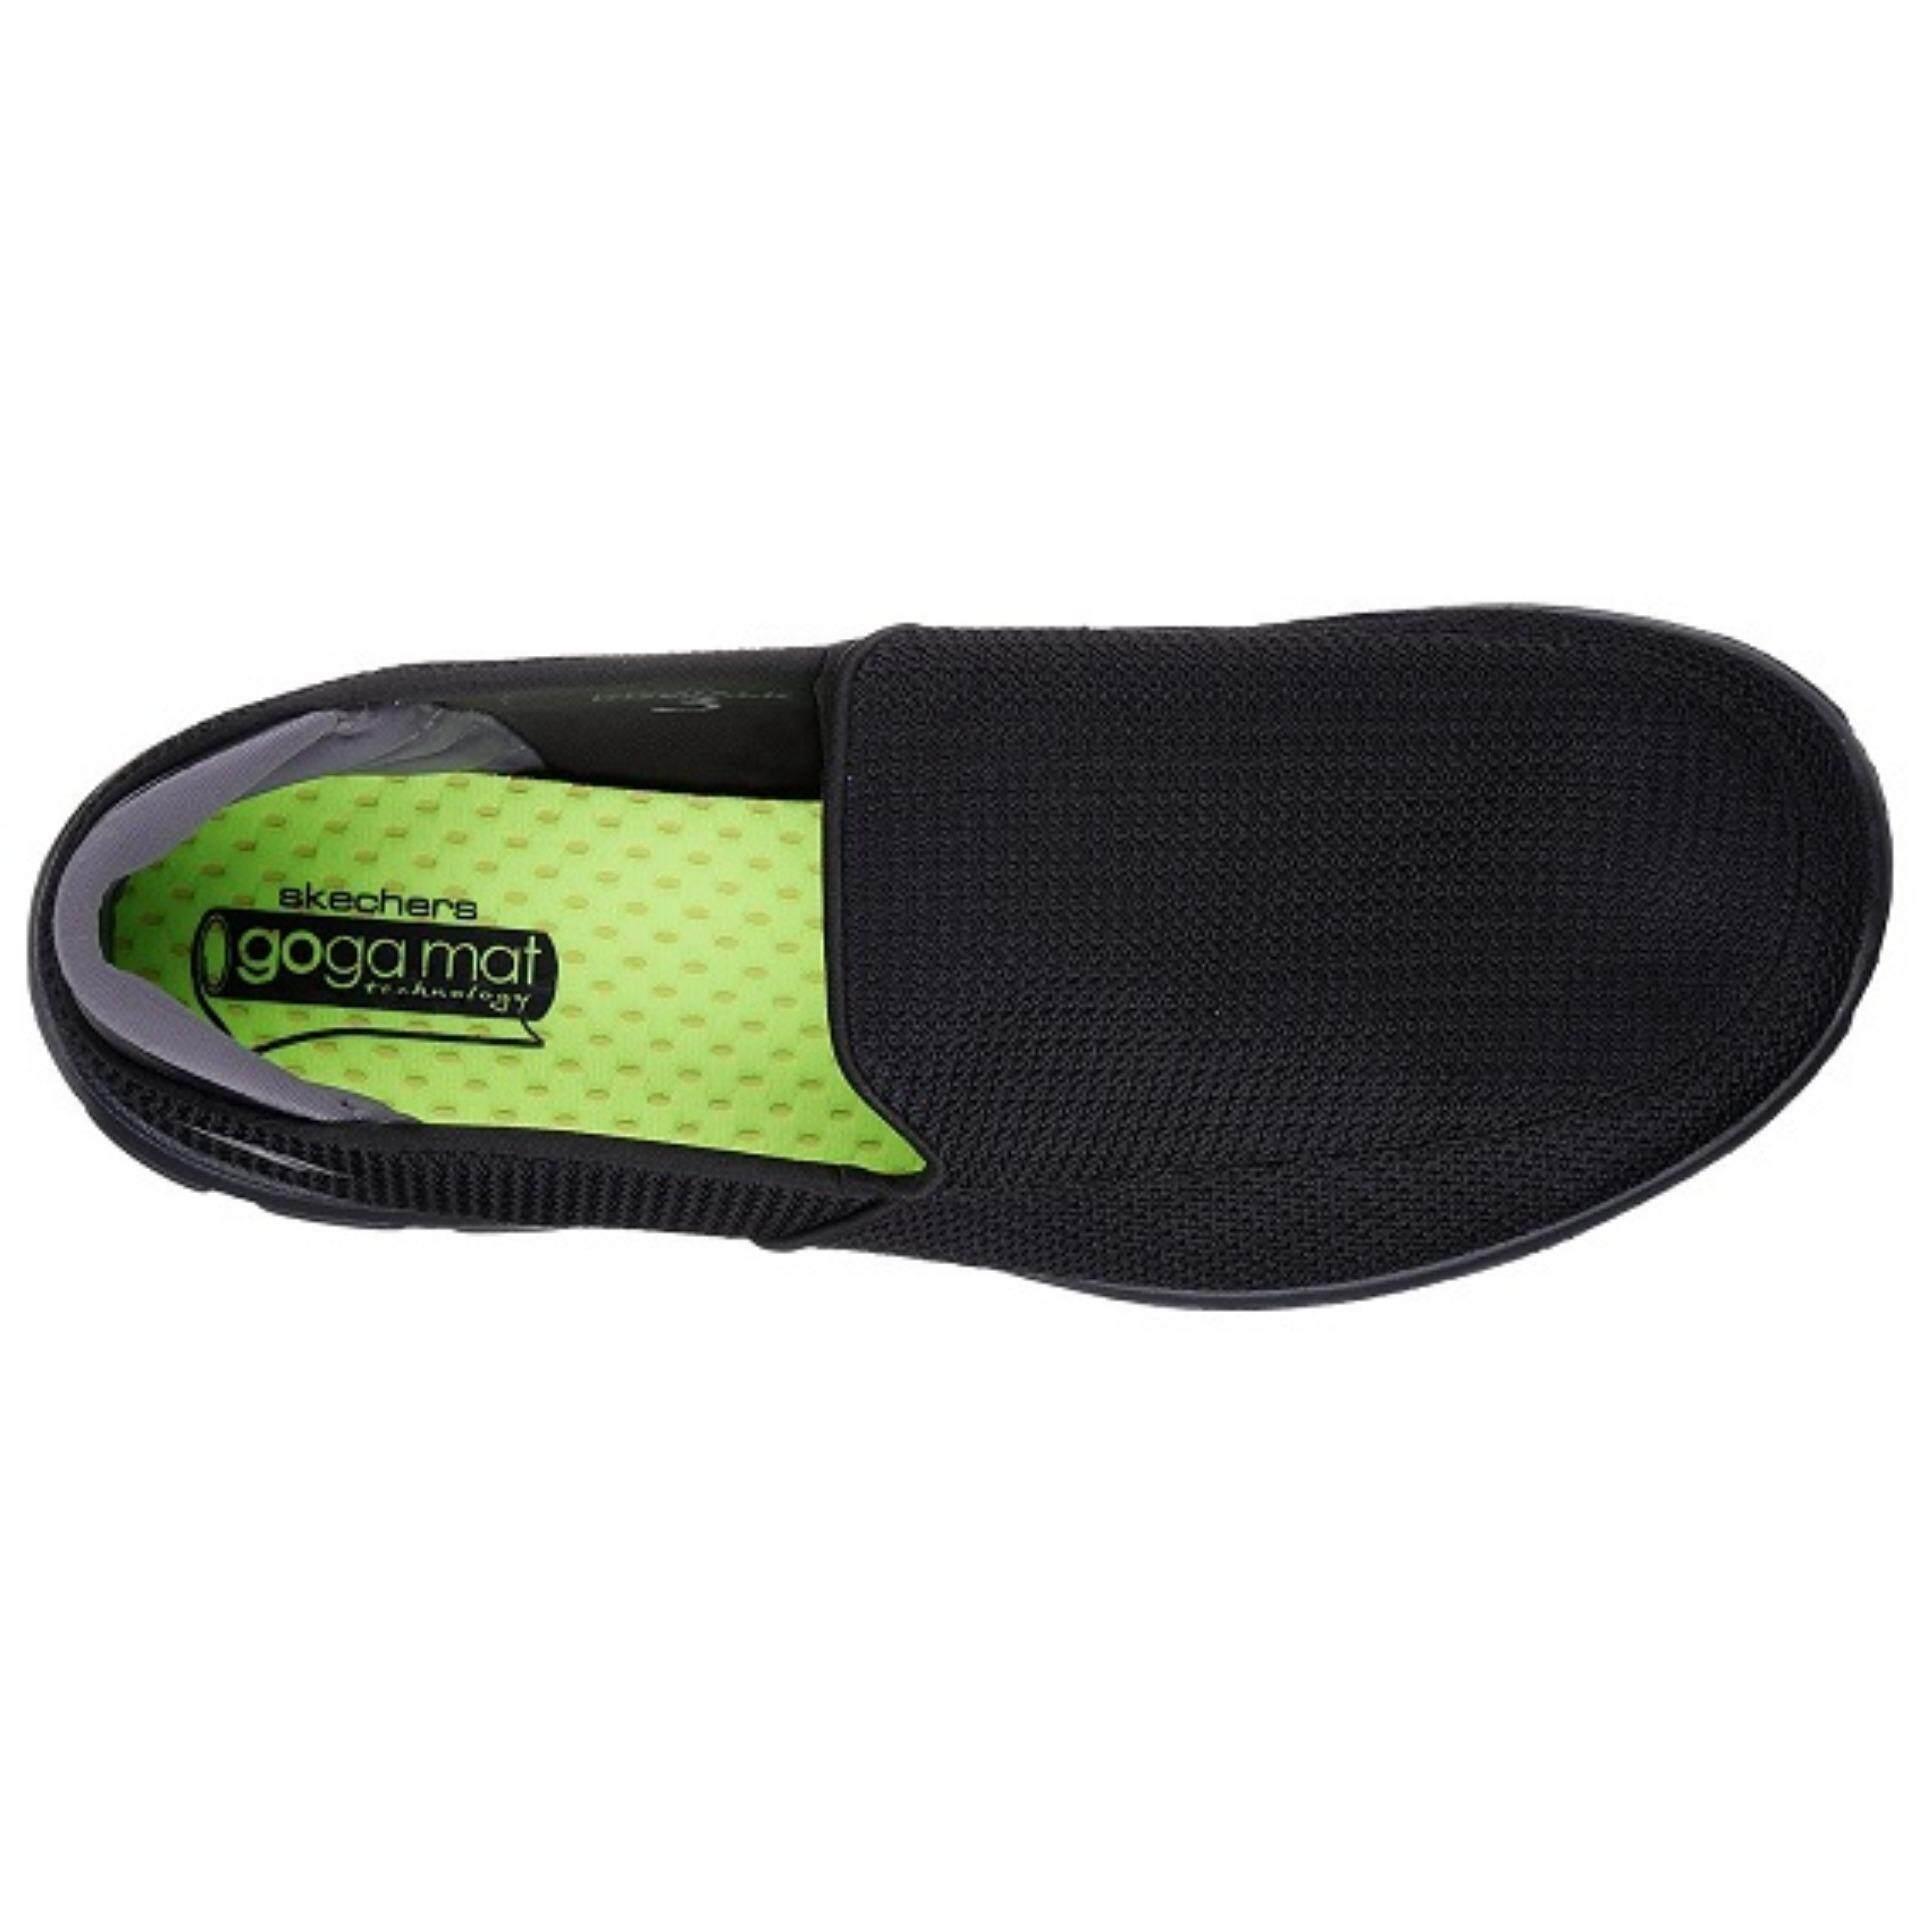 Fitur Skechers Gowalk 2 Super Sock 2 Girls Sneakers Hitam Dan Harga ... 00e6af14c9